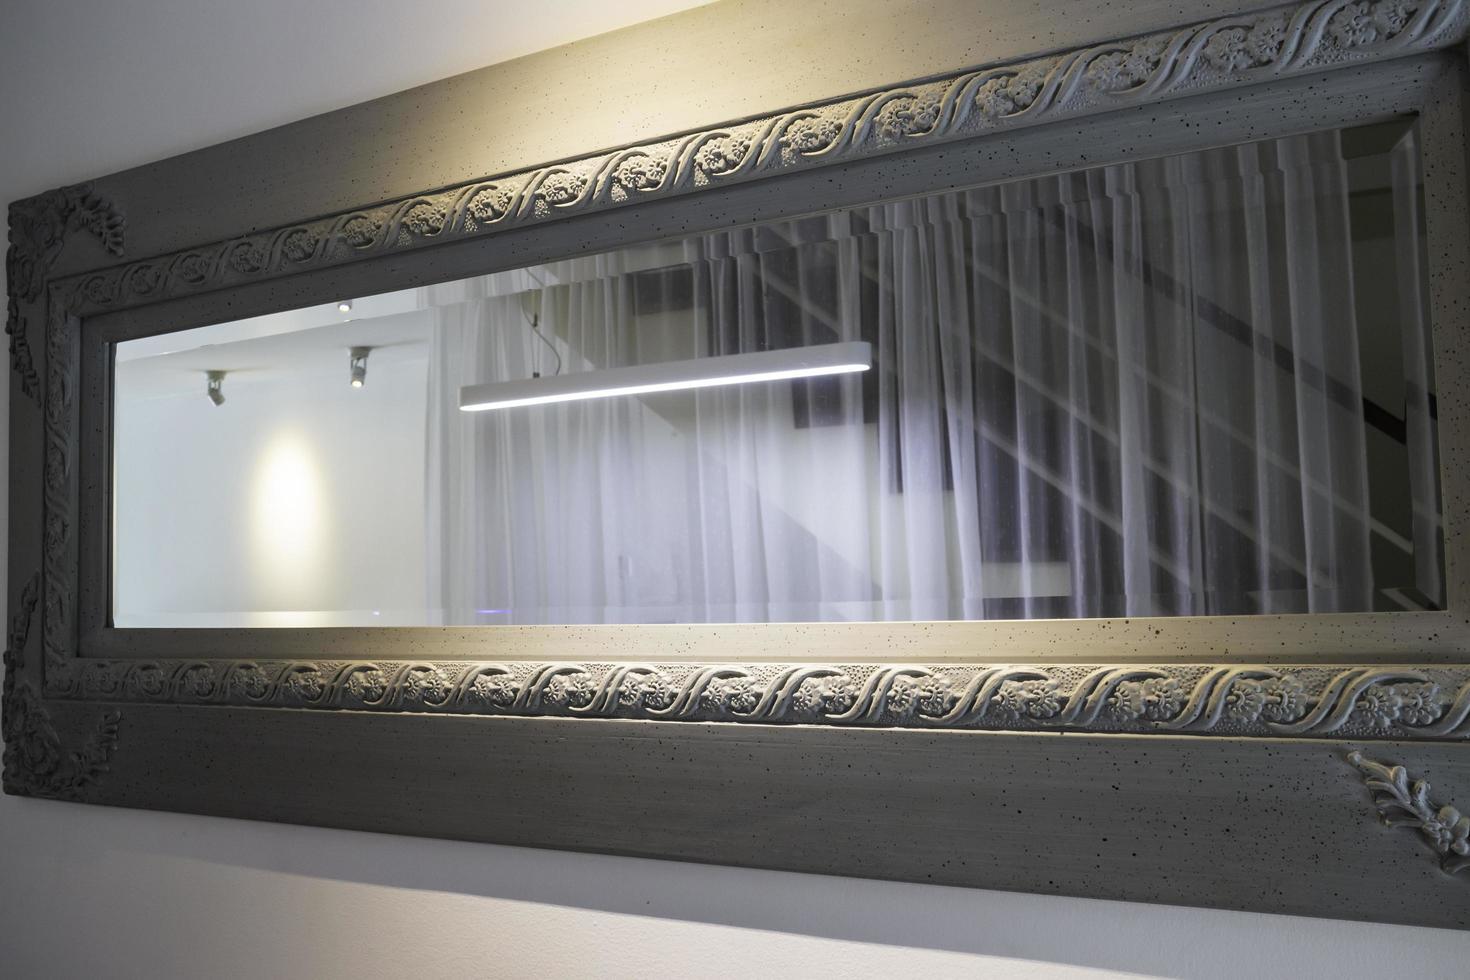 zacht licht in een spiegel foto